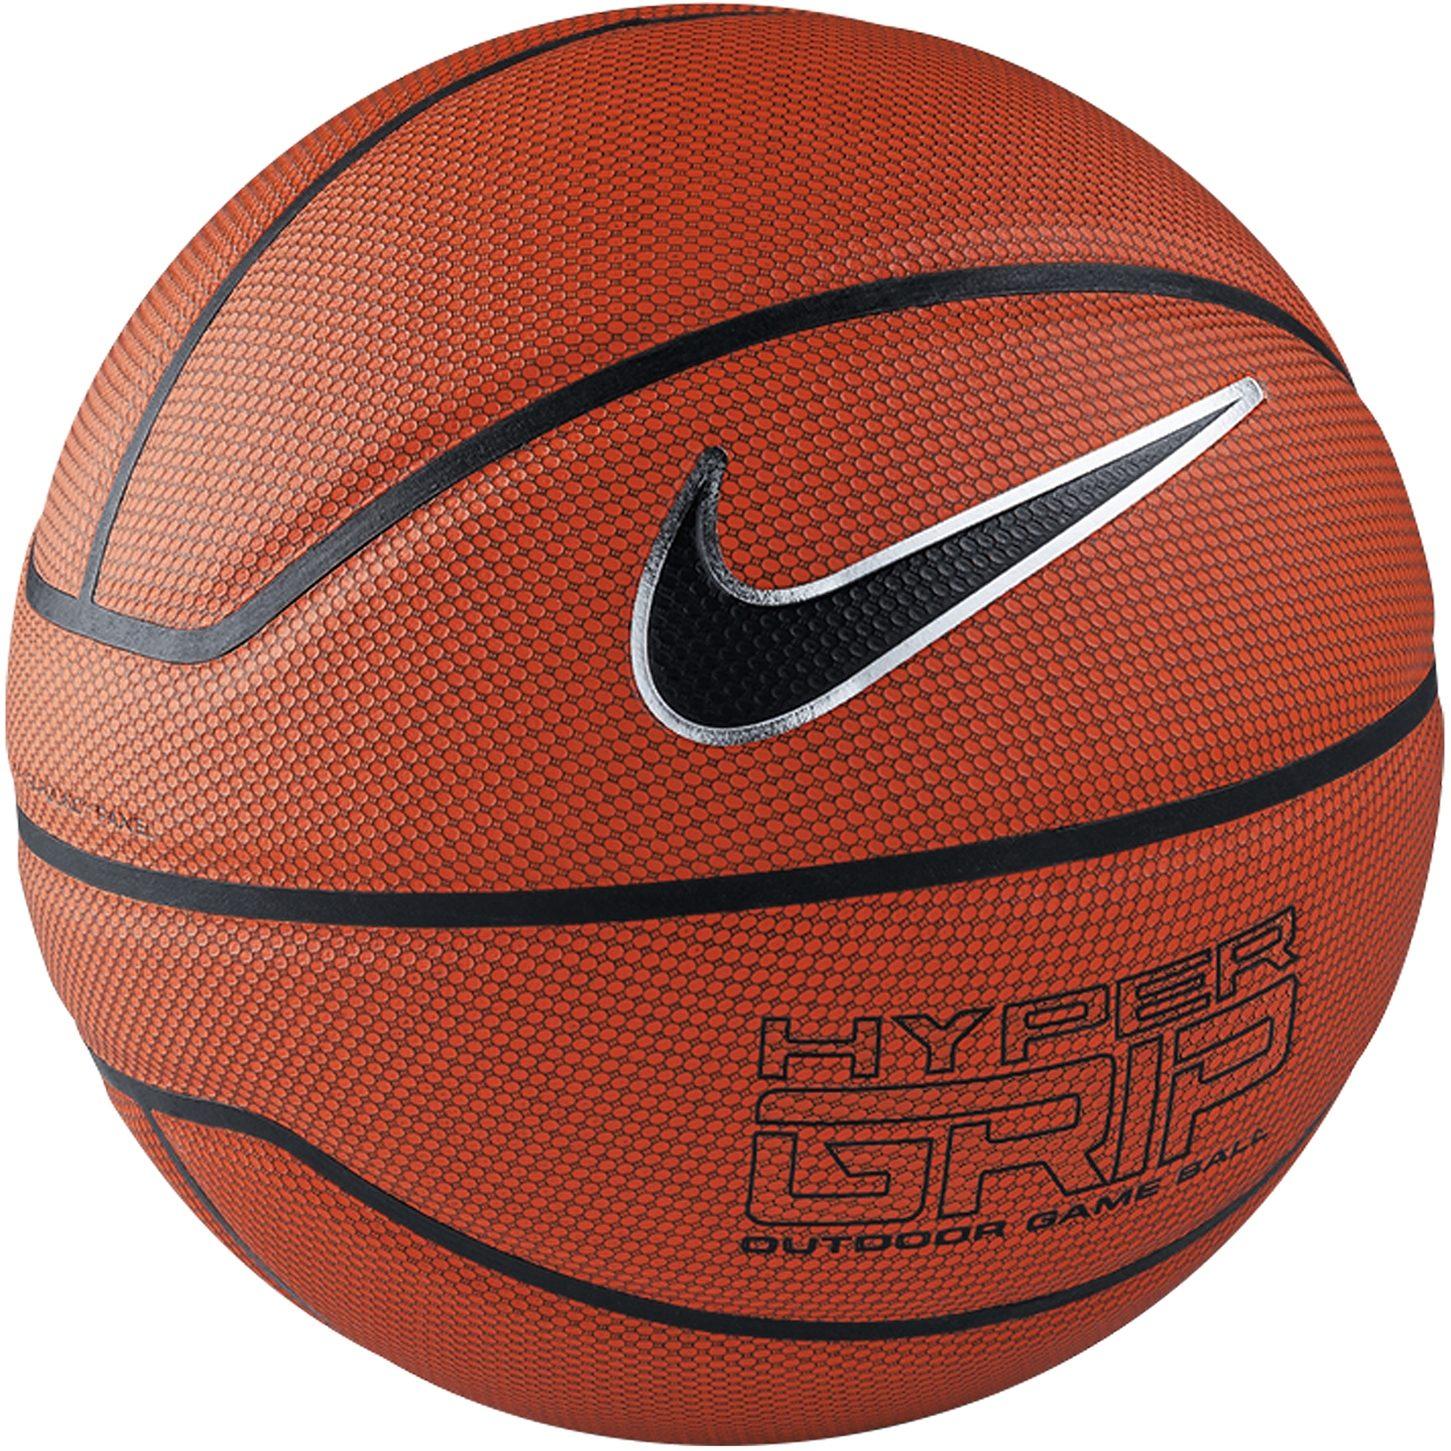 NIKE Hyper Grip OT Basketball